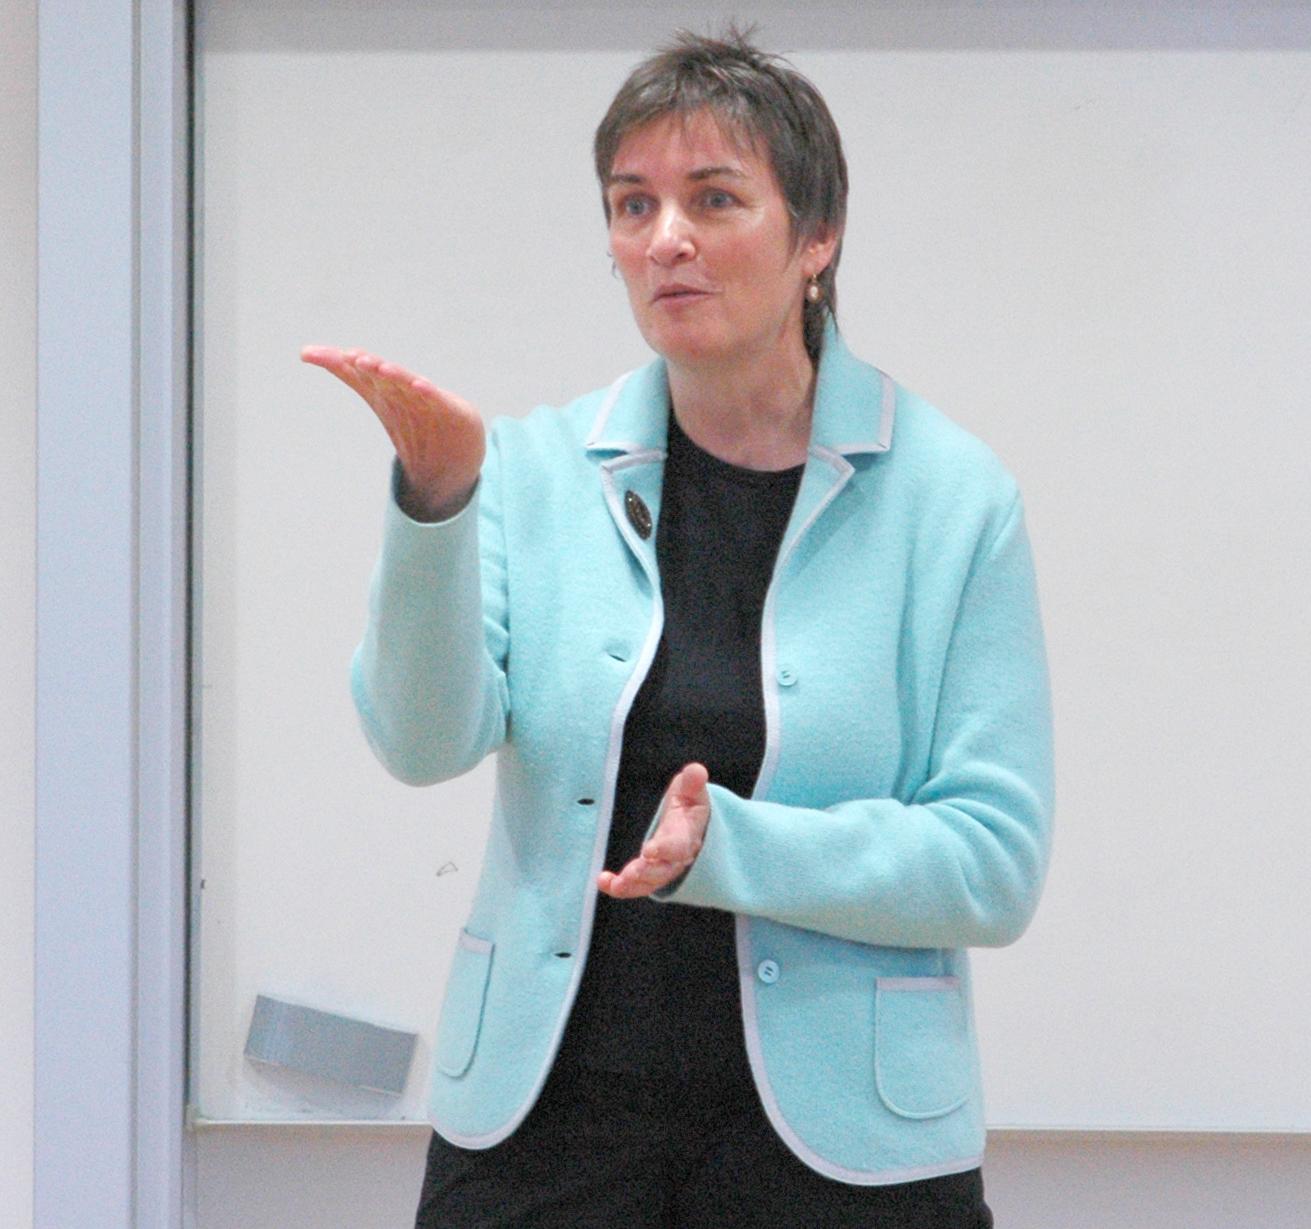 Studiengangsleiterin Prof. Dr. Friederike Störkel